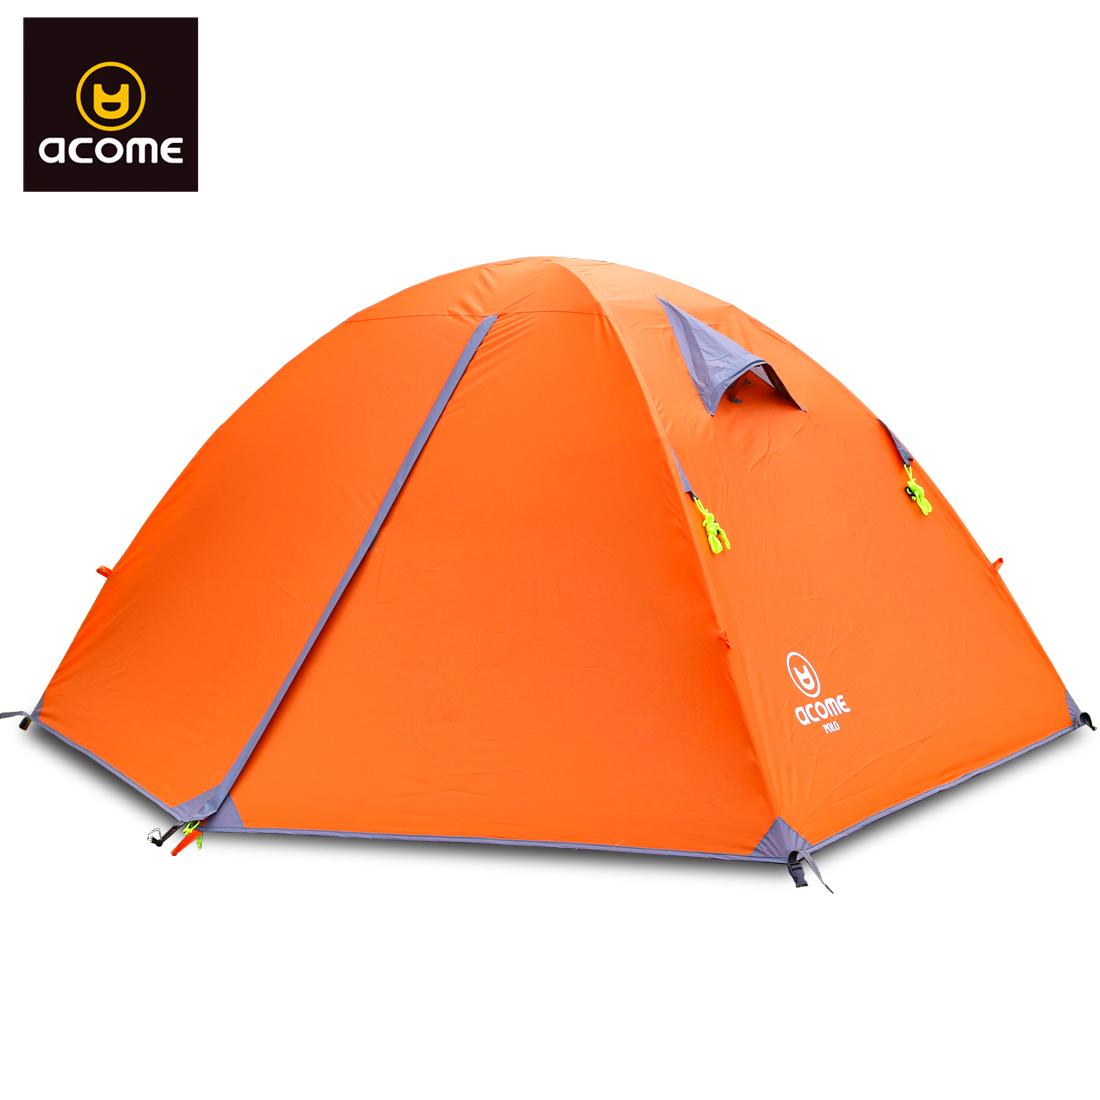 阿珂姆户外帐篷好不好用啊?